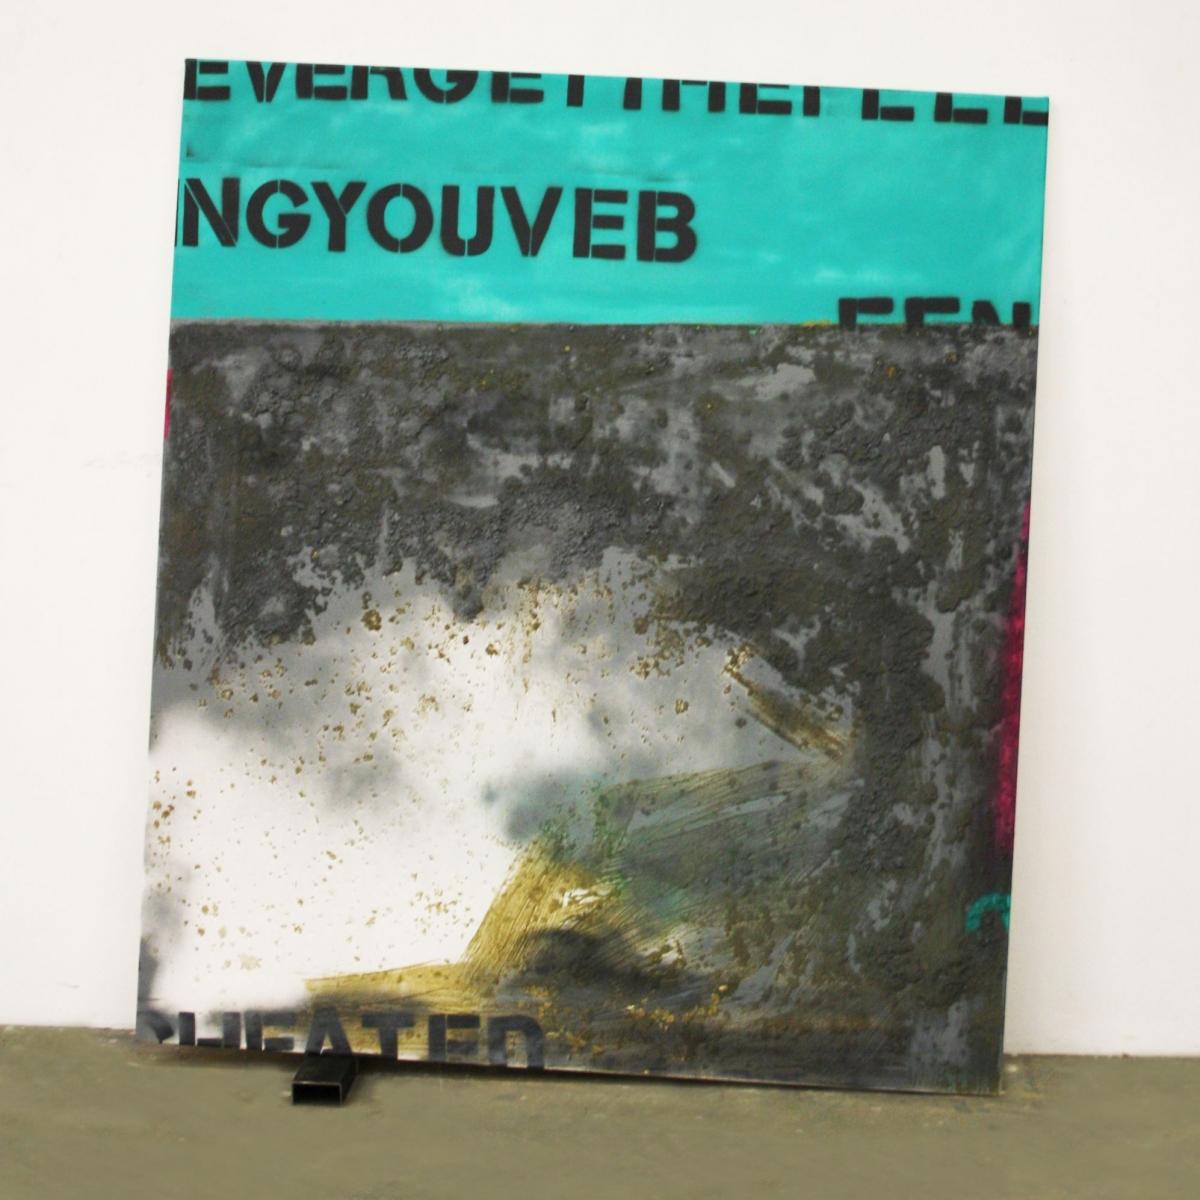 Anestis Ioannou_NGYOUVEB